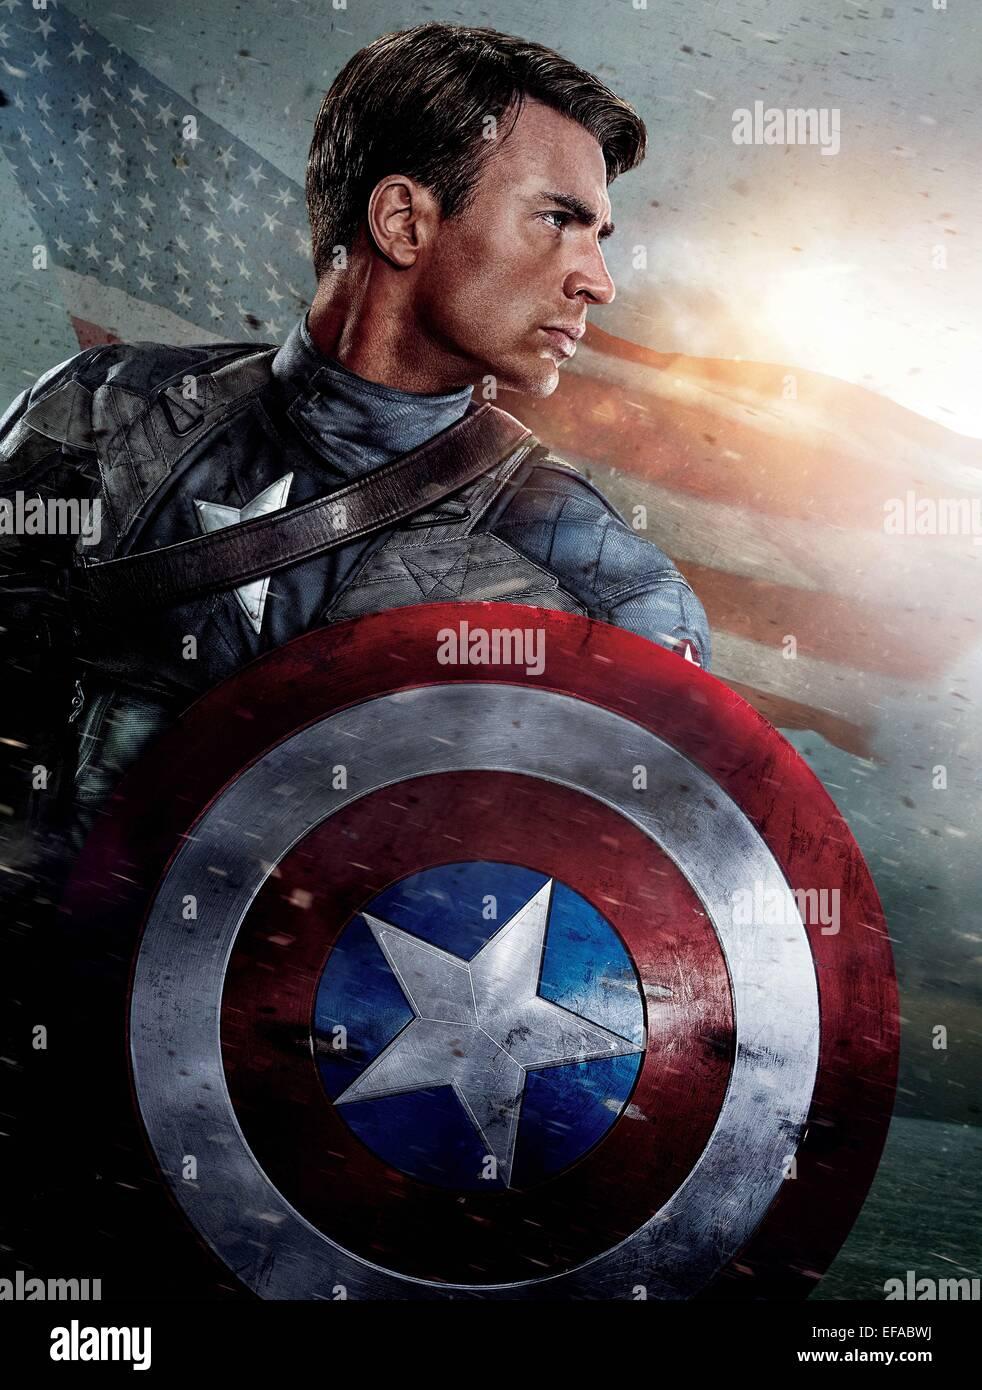 Captain america the first avenger 2011 - Chris Evans Captain America The First Avenger 2011